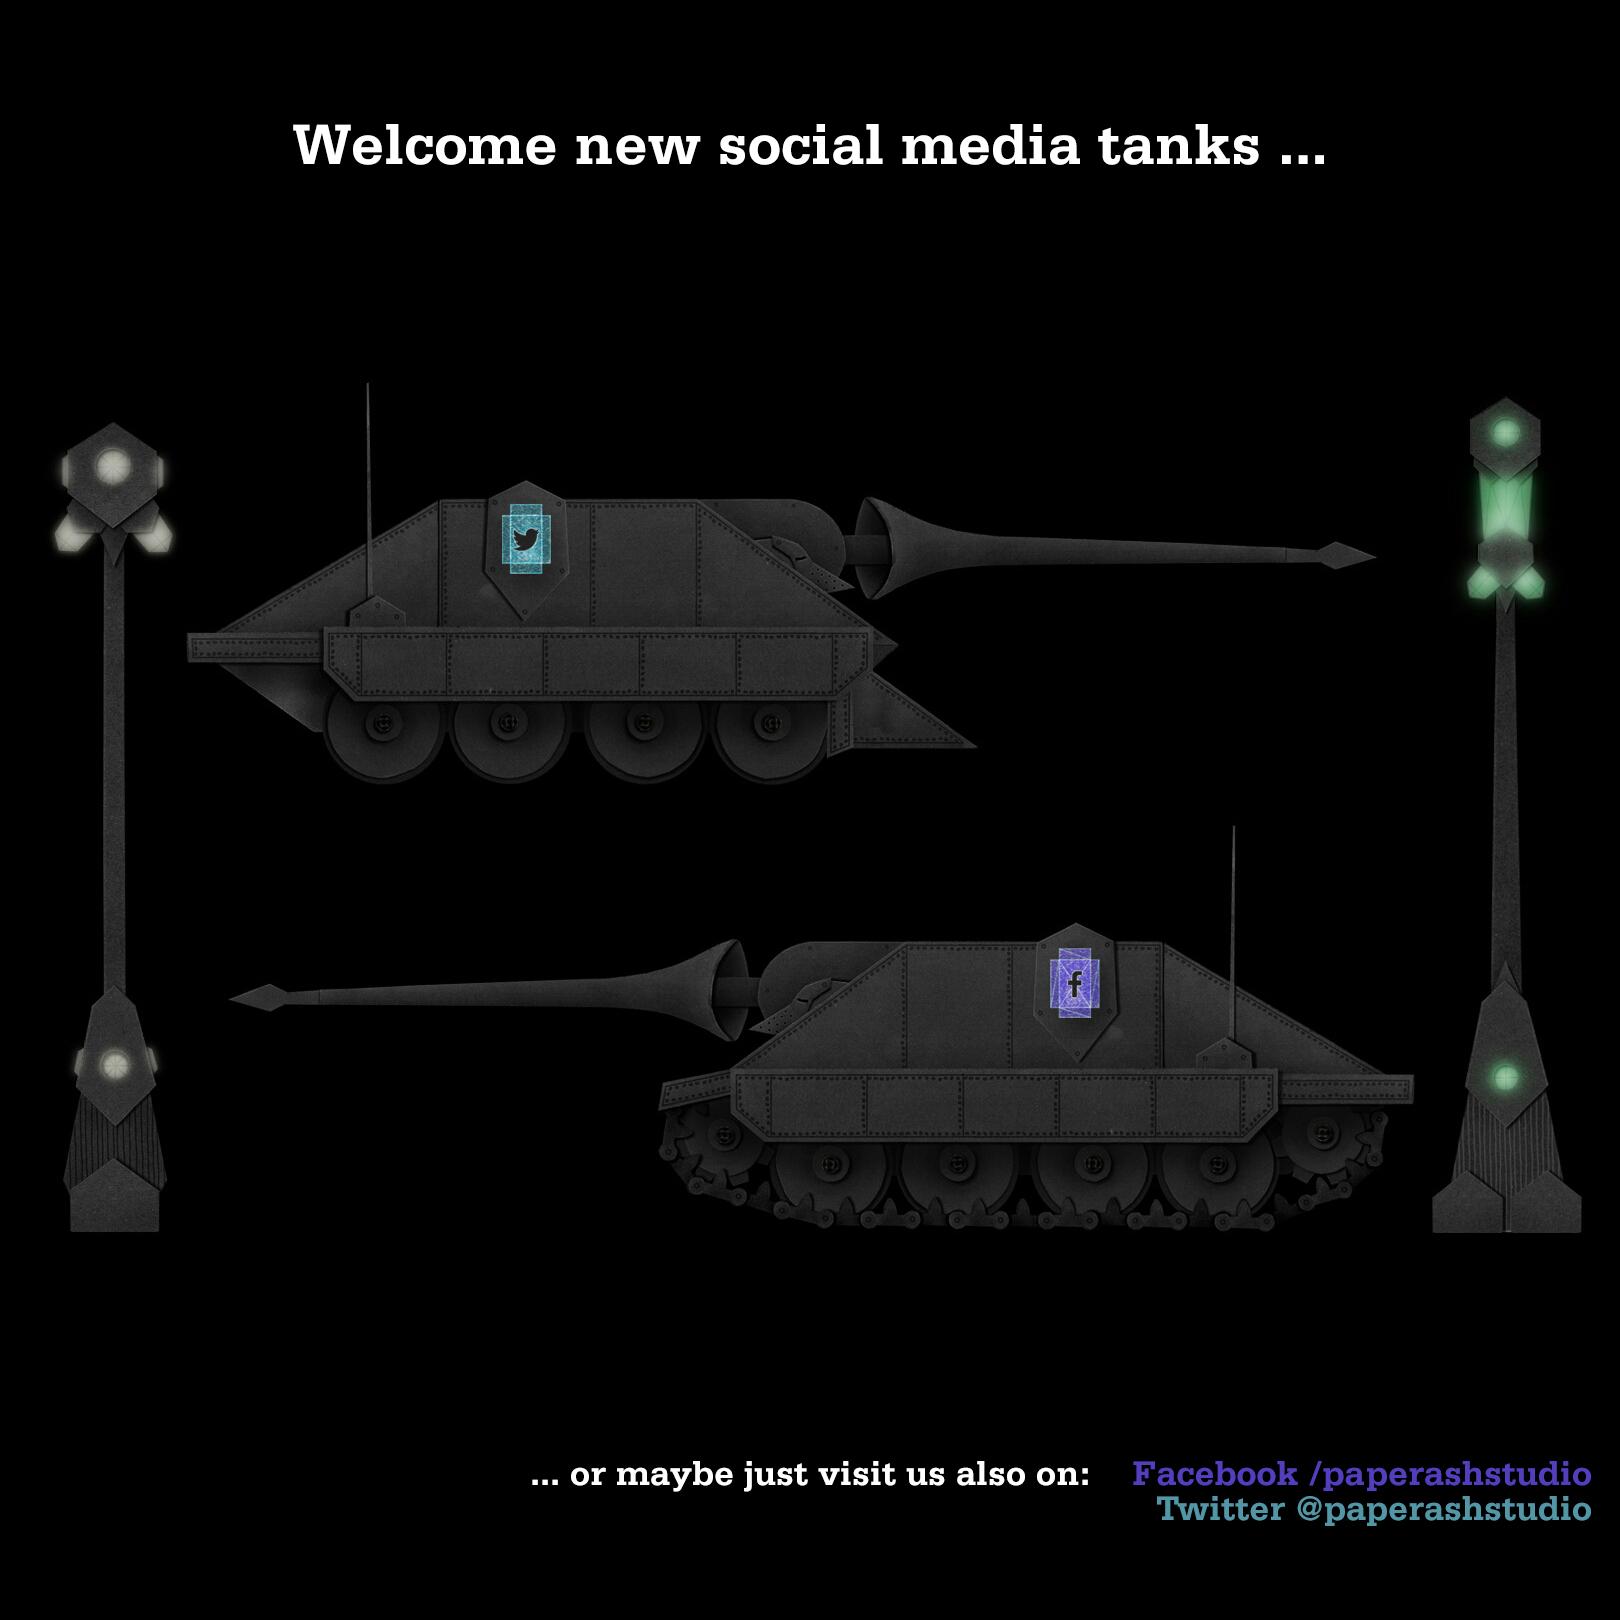 Social media tanks